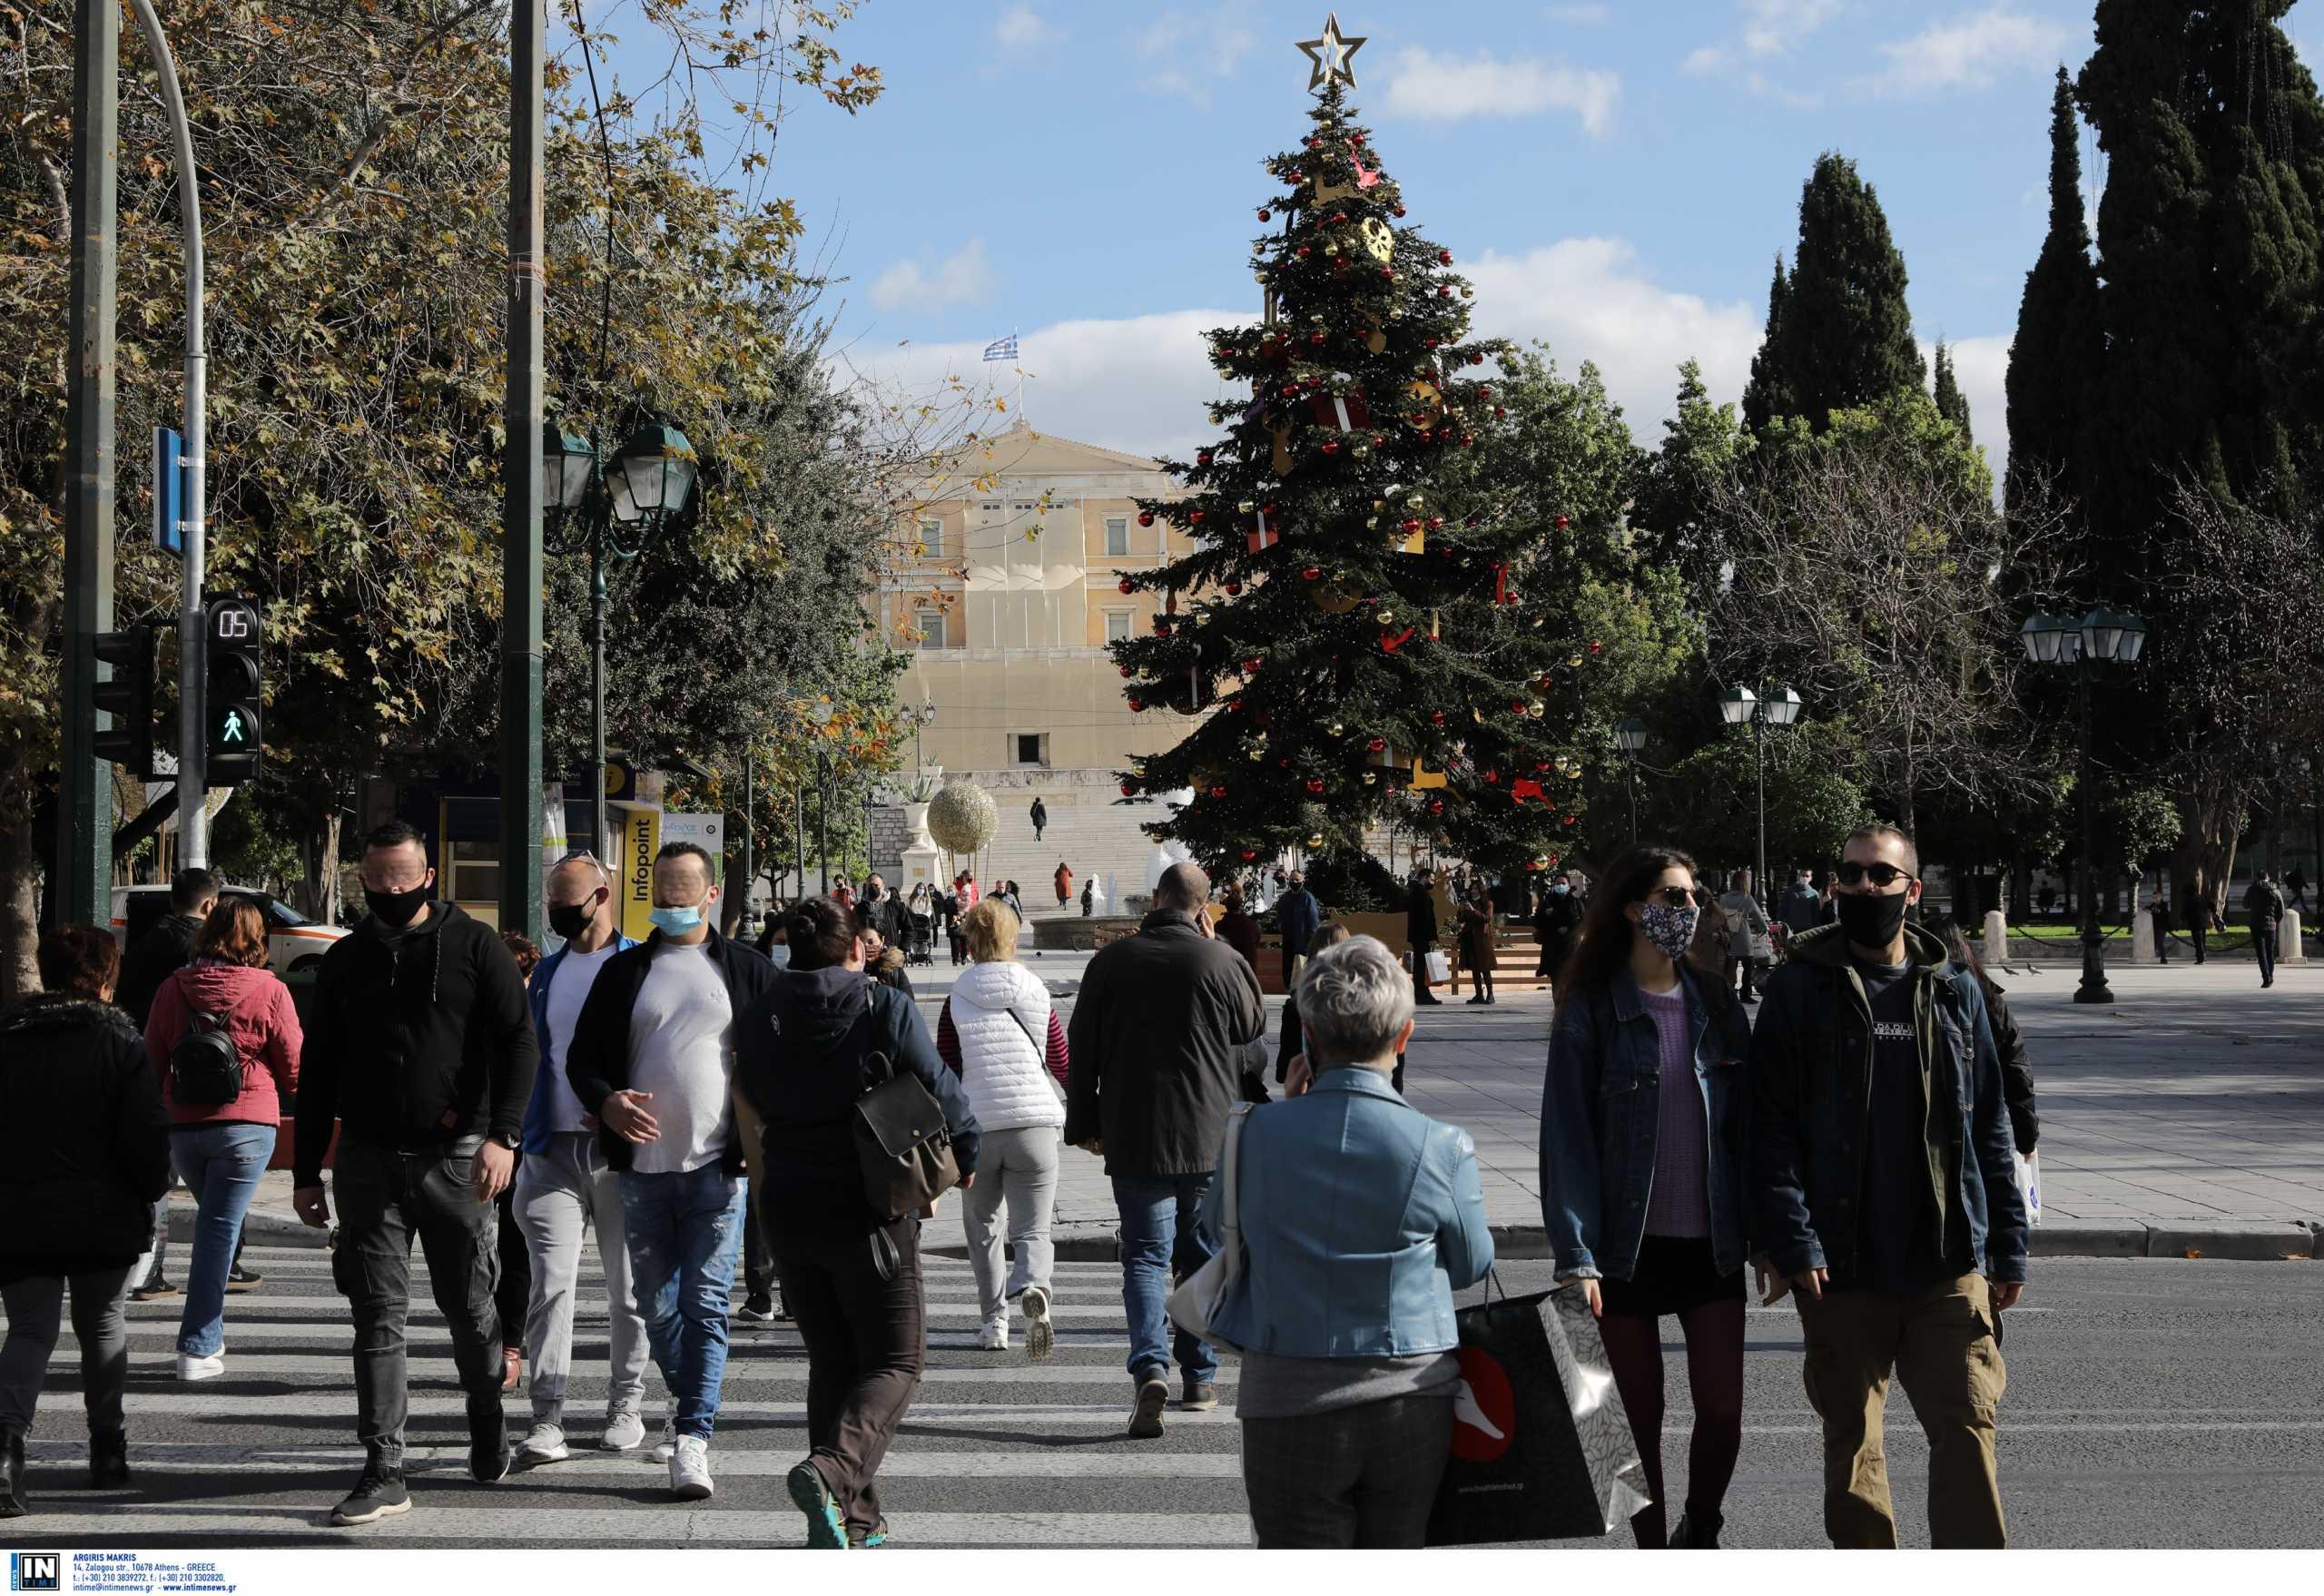 Βασίλης Κικίλιας: Στόχος η προσέλκυση Γάλλων τουριστών και κατά τις σχολικές διακοπές